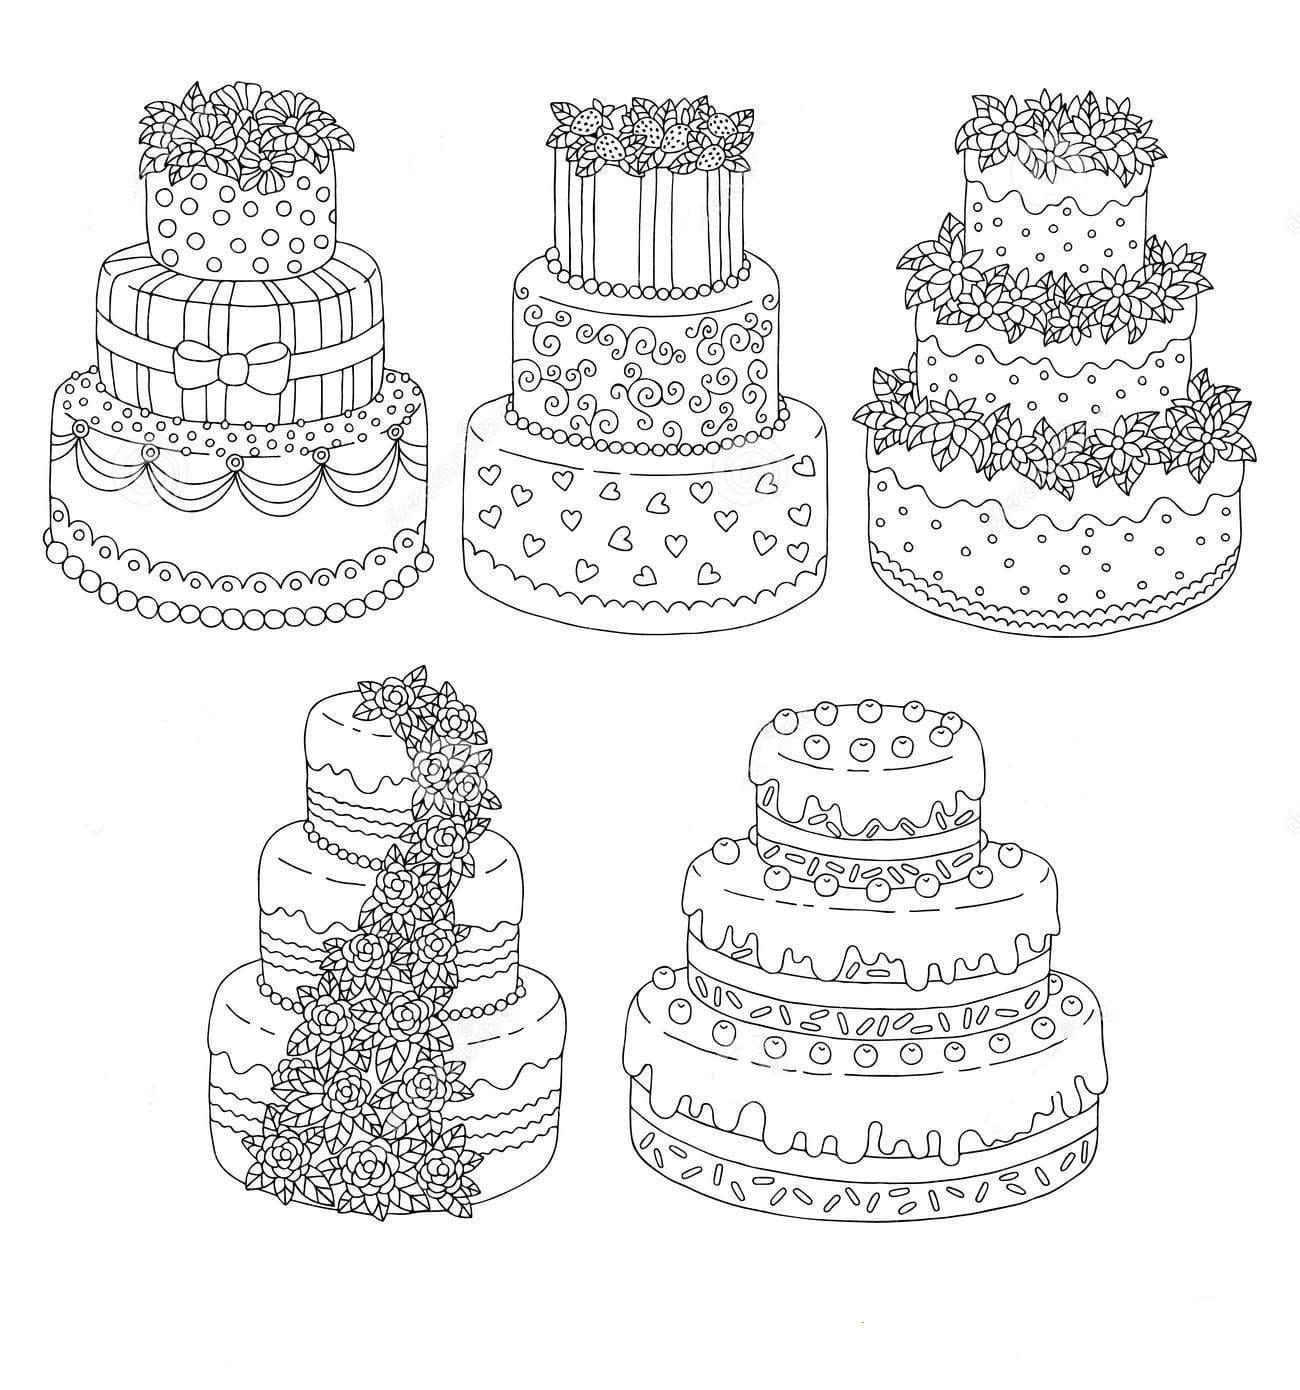 Ausmalbilder Kuchen  17 Bilder zum kostenlosen Drucken